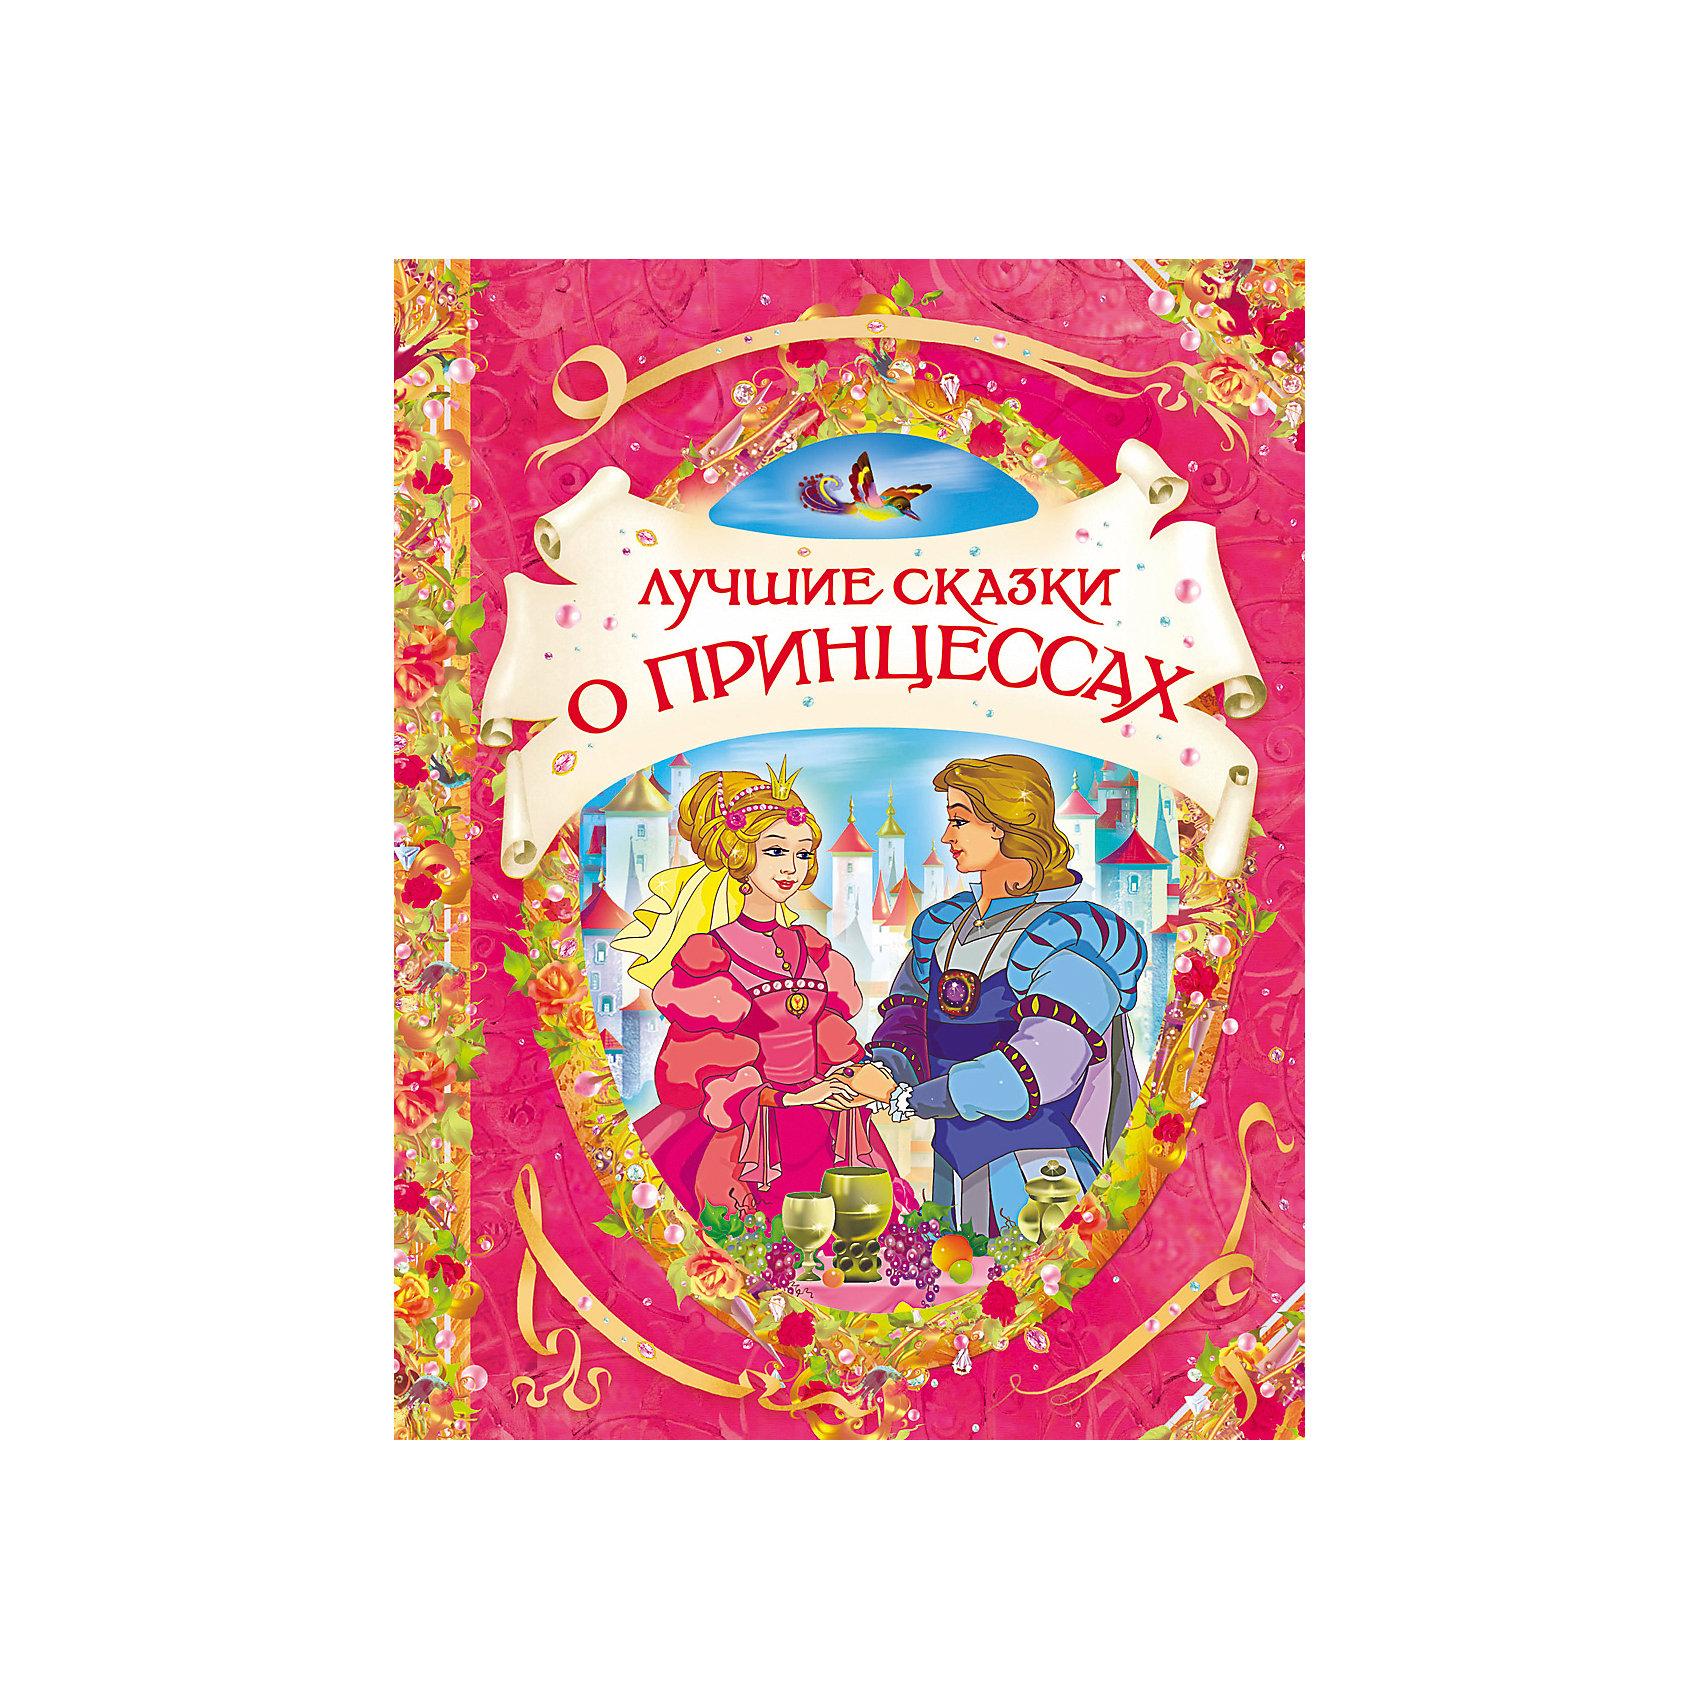 Росмэн Лучшие сказки о принцессах художественные книги росмэн лучшие сказки мира